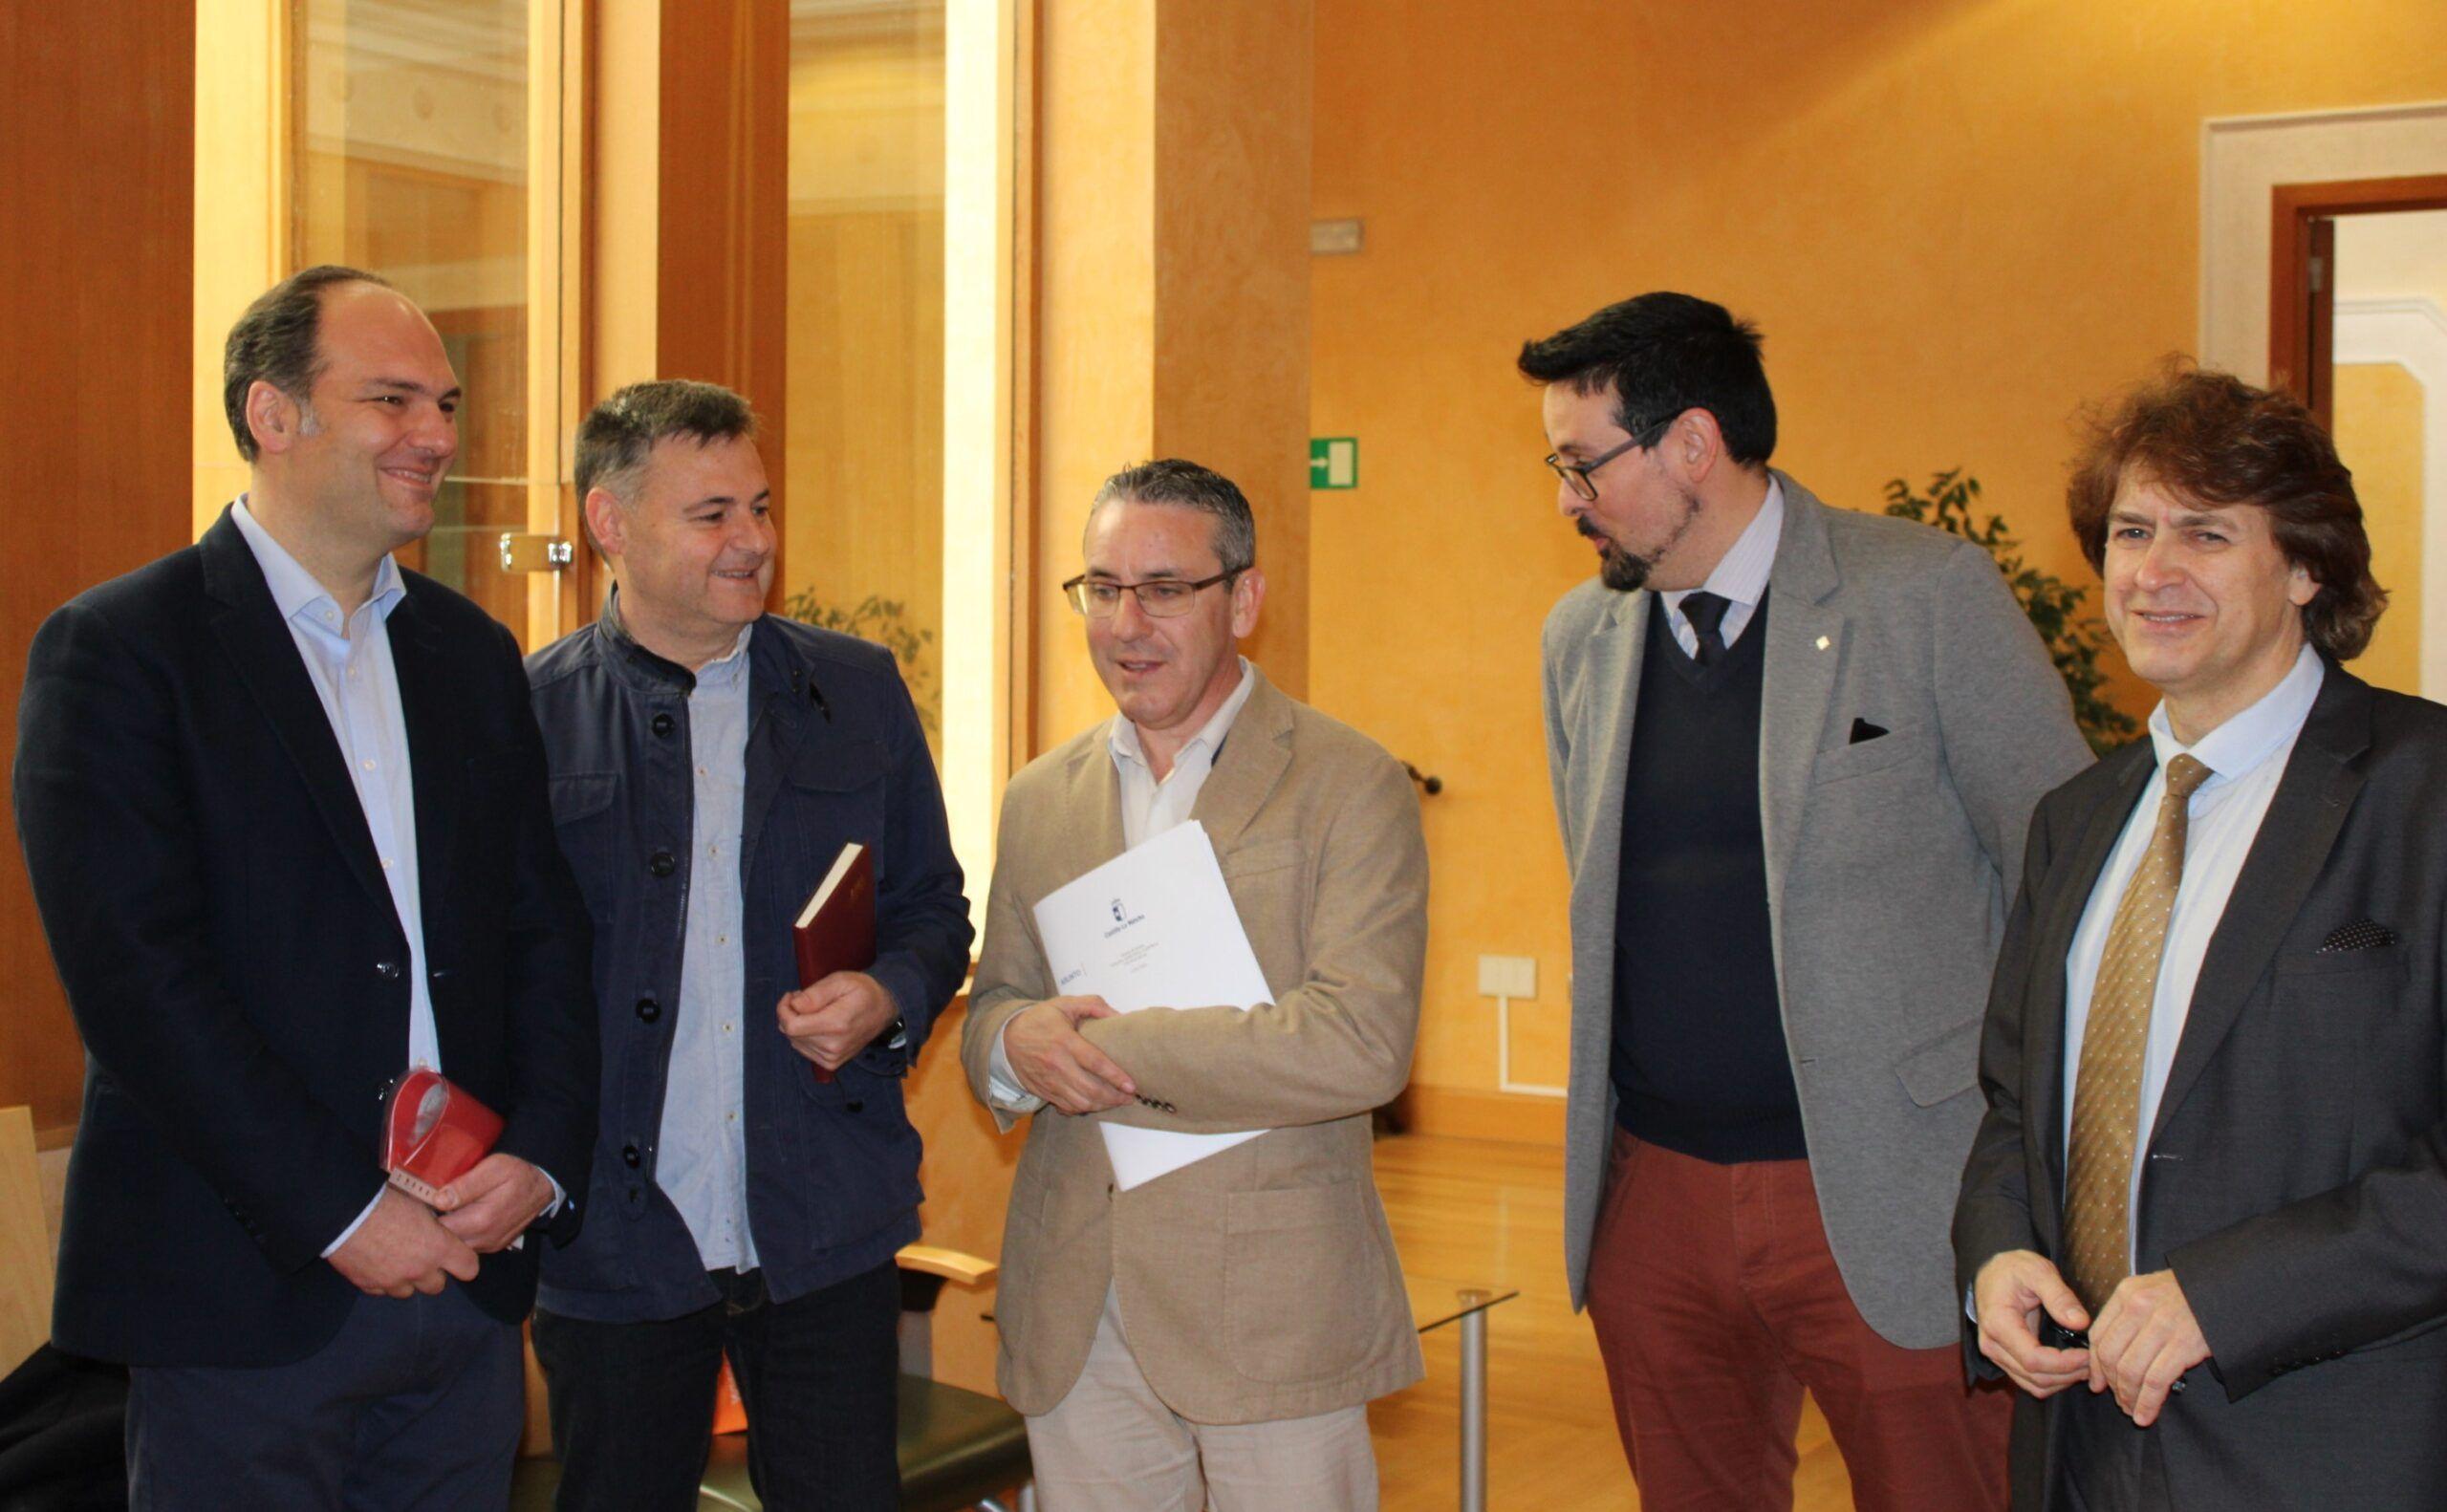 El Jurado Arbitral Laboral realizó 33 mediacionesen 2020 en Ciudad Real, entre ellas la del convenio de comercio, bloqueado más de dos años